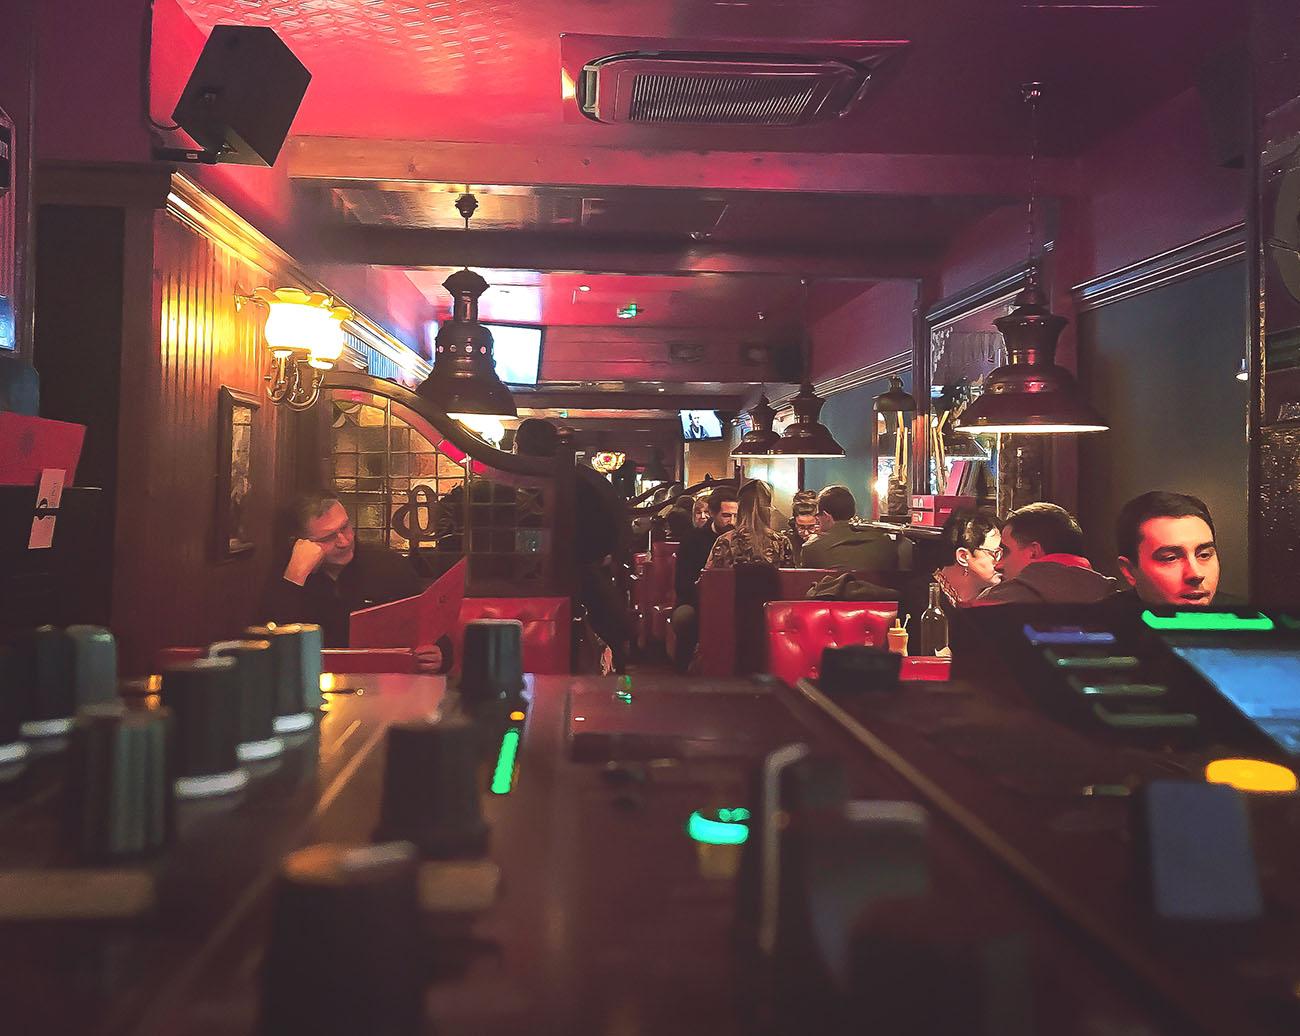 Musique et live Dj au The Glue Pot à Reims, tous les week-ends: Disco, Funk, Soul, Eighties, 80's, Deep House et Nu Disco. Le temple de la musique électronique Rémois !